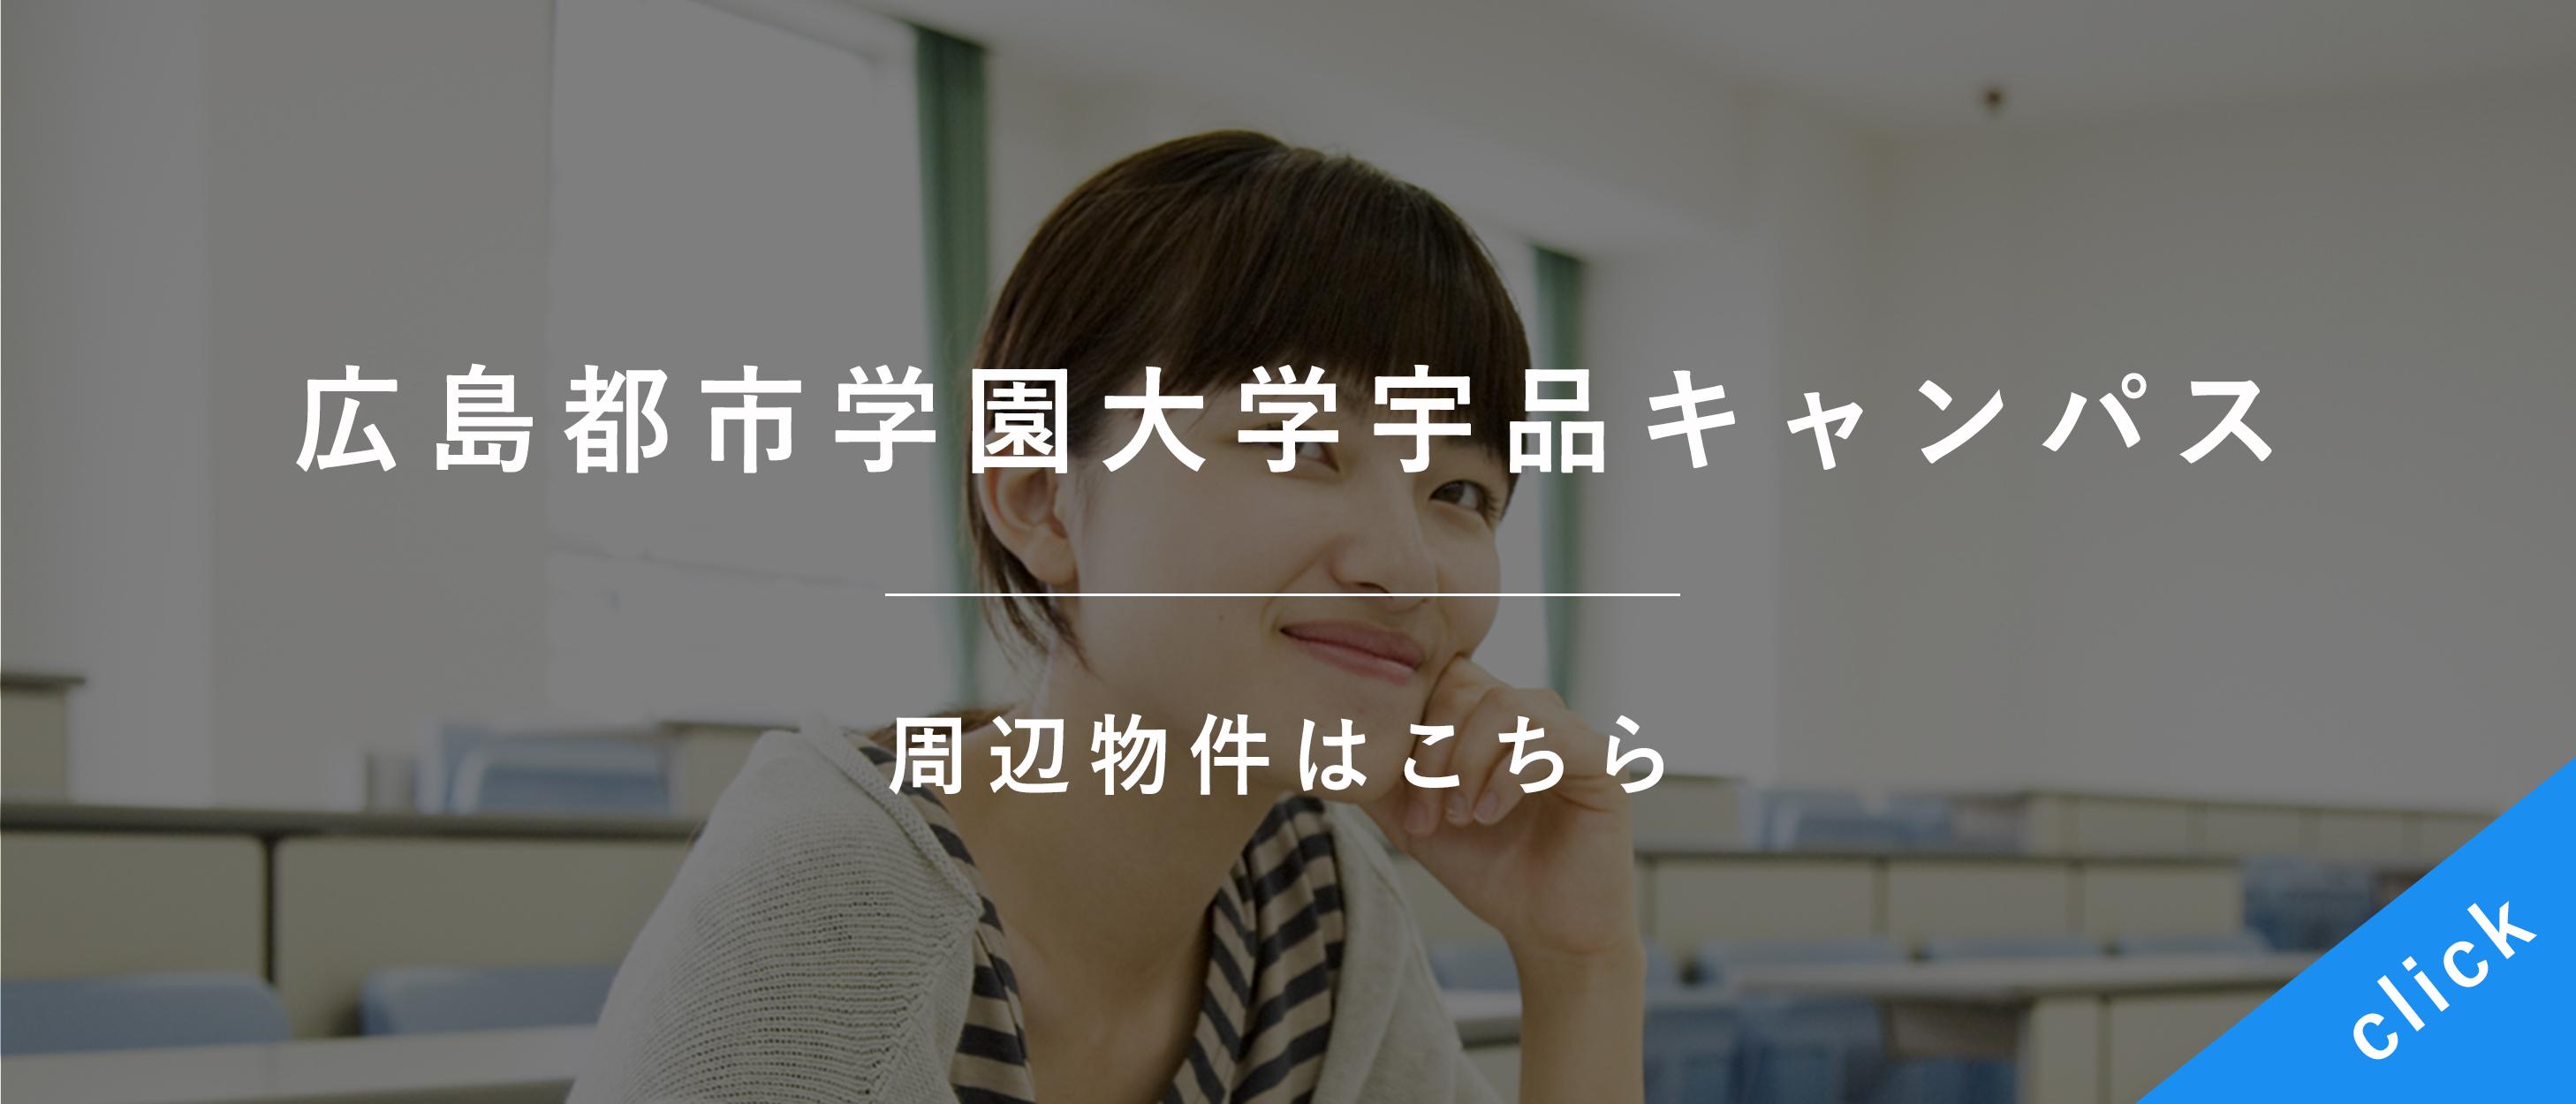 広島都市学園大学宇品キャンパスの周辺物件はこちら